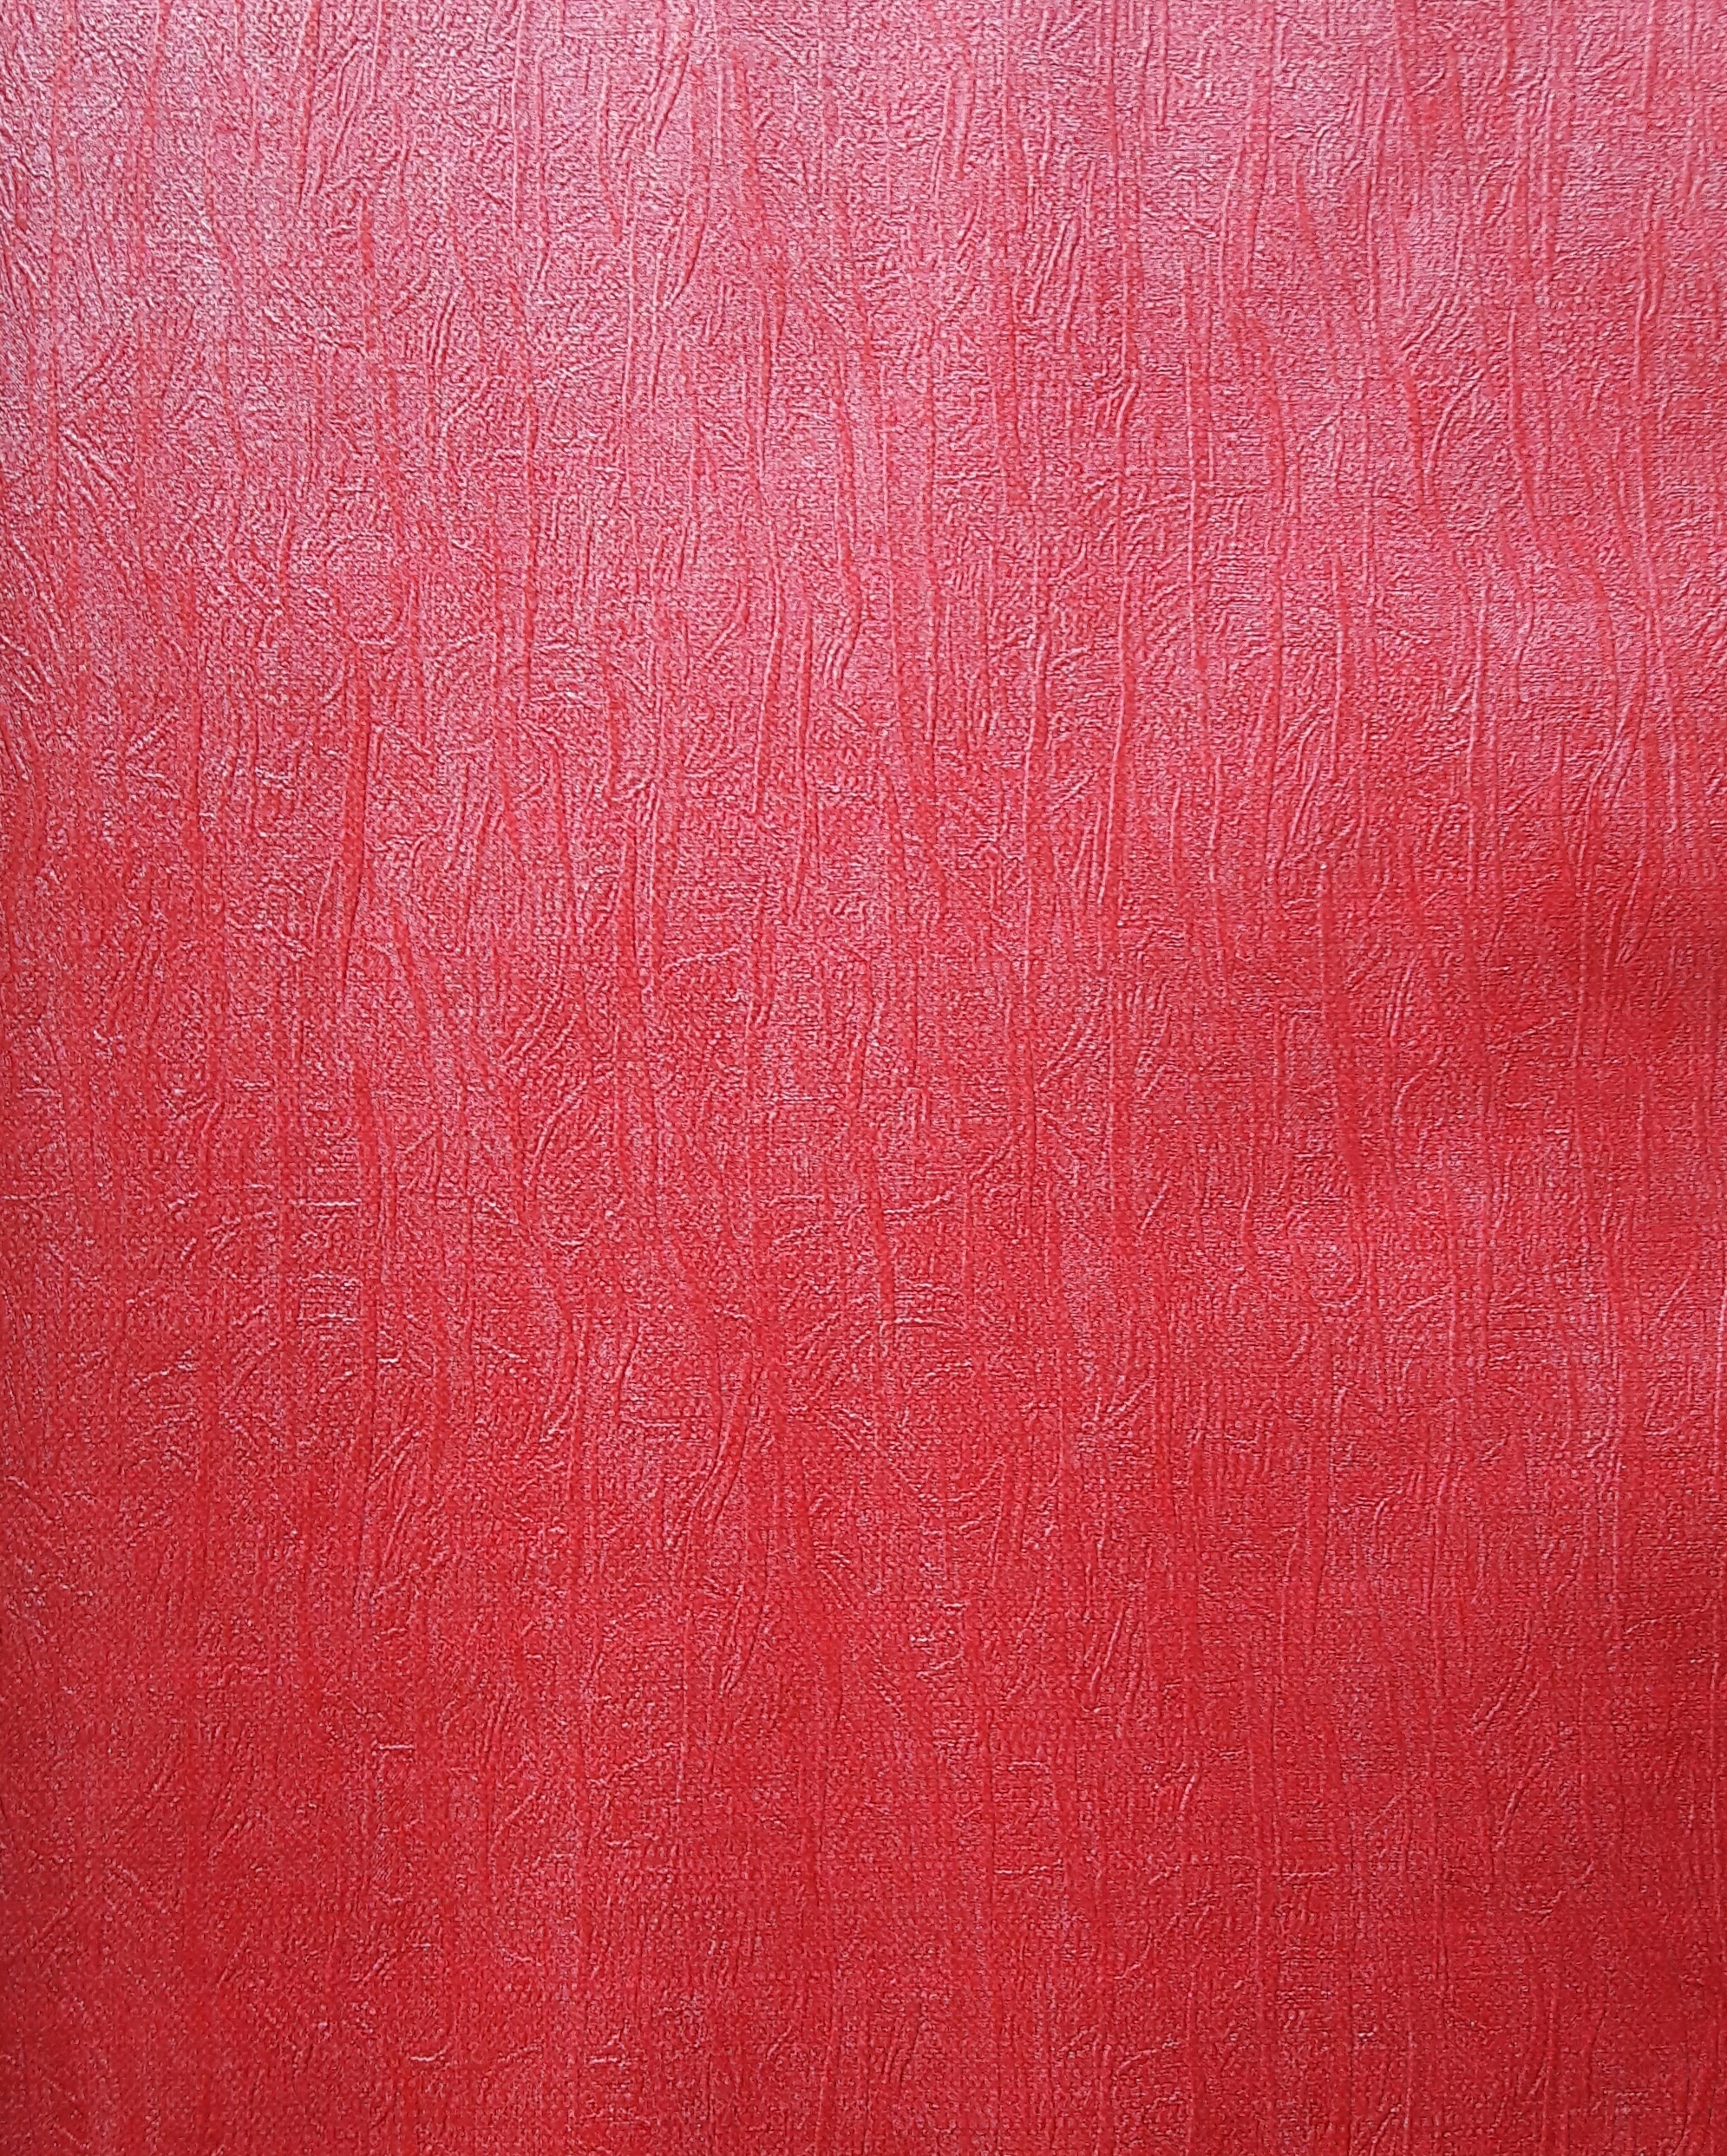 Gambar Wallpaper Warna Merah Dunia Wallpaper